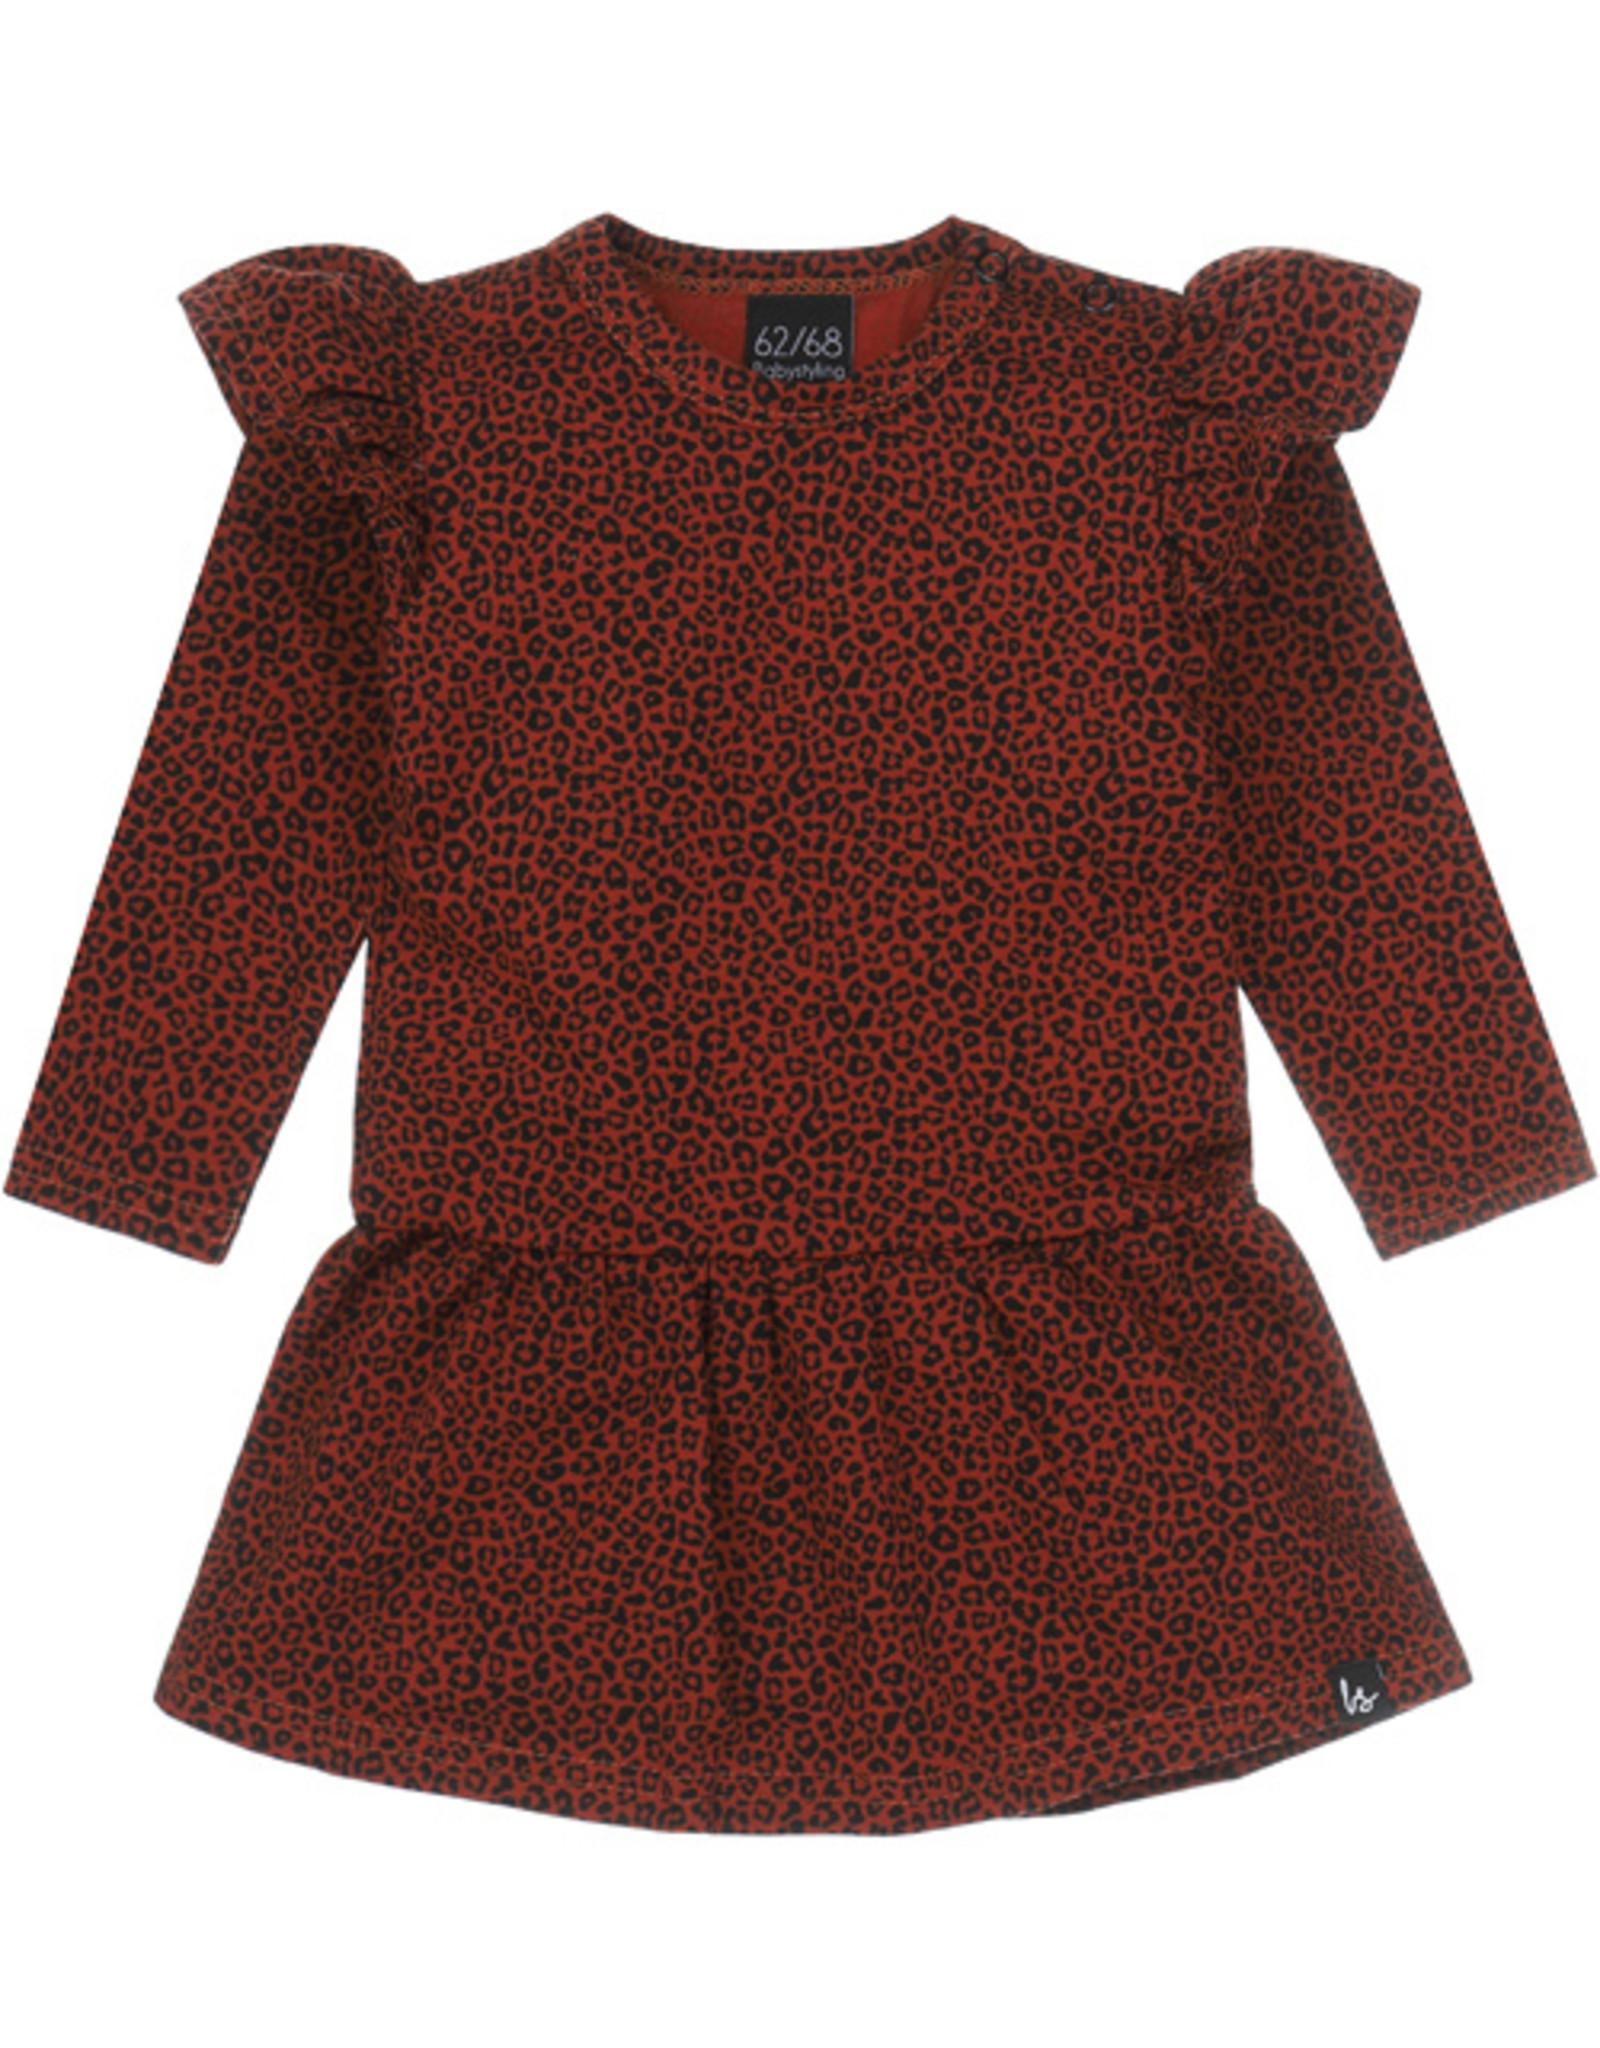 Babystyling Ruffle rokjurkje luipaard roest